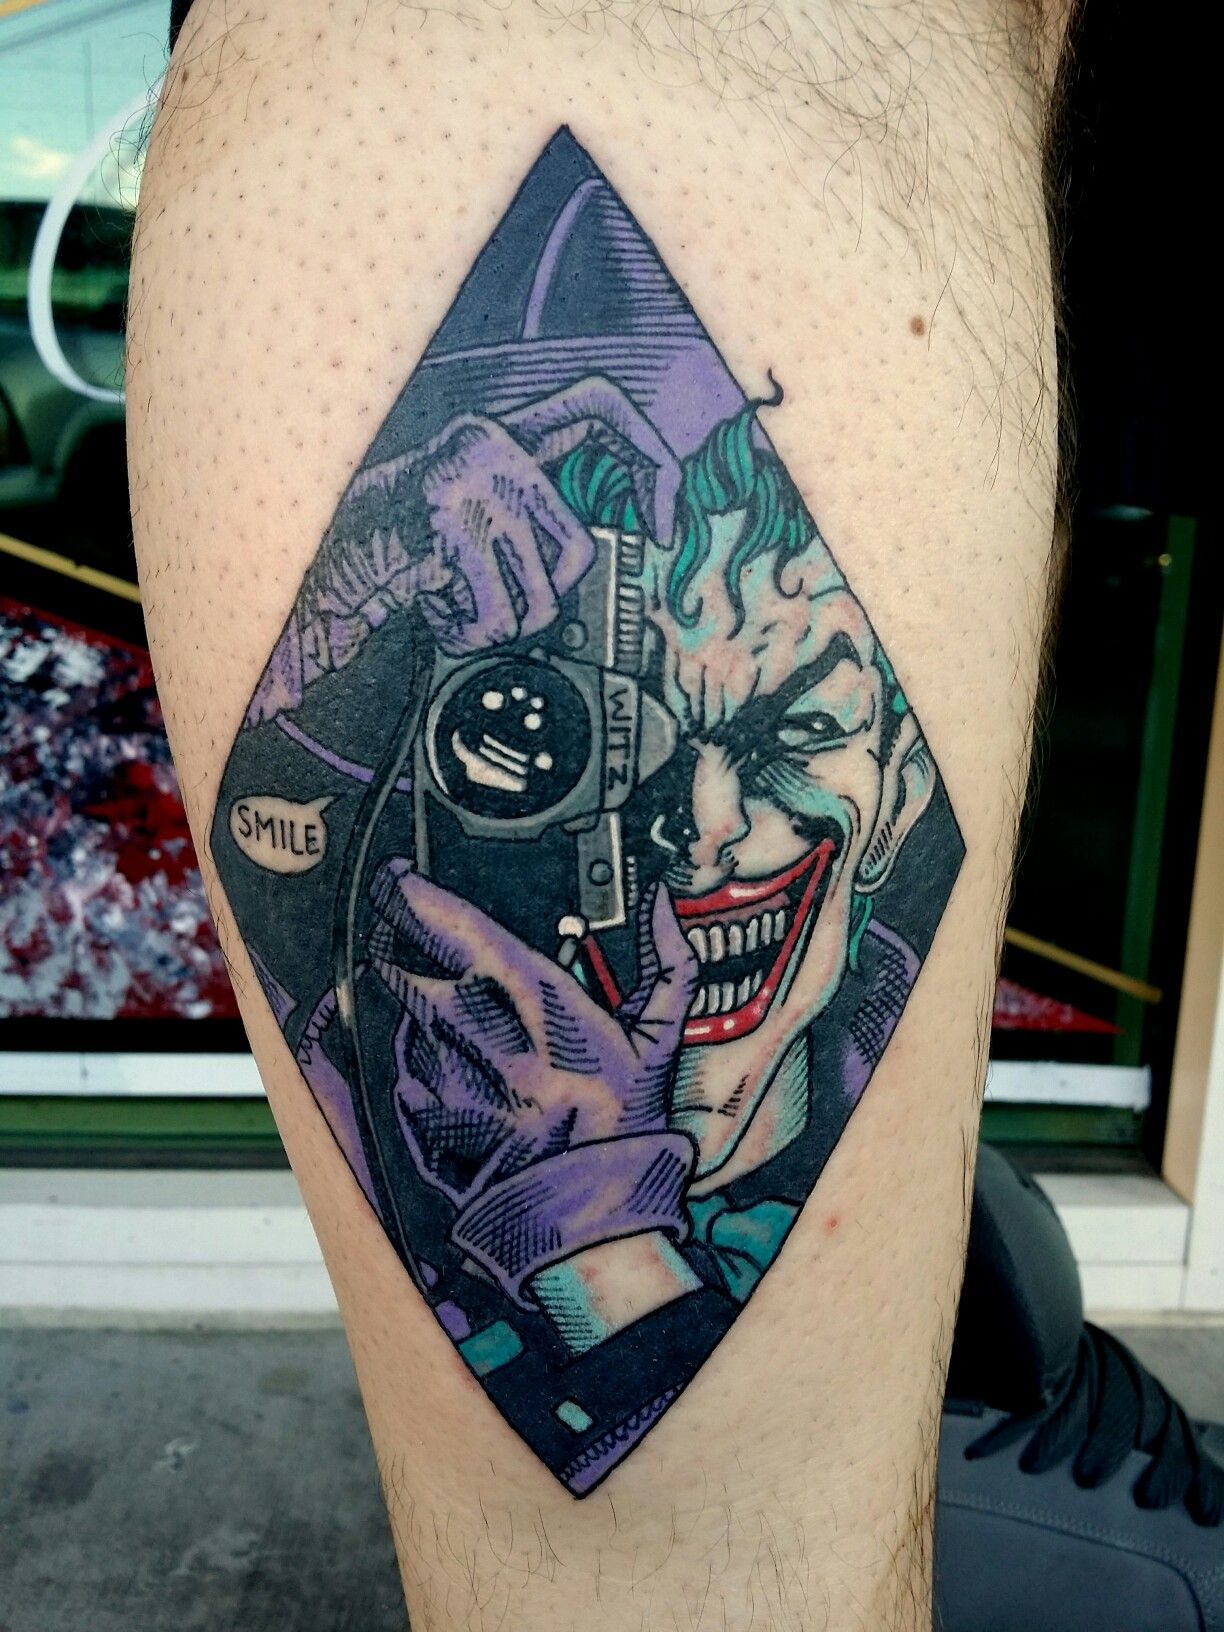 Killing joke joker dc comics tattoo by steve rieck from